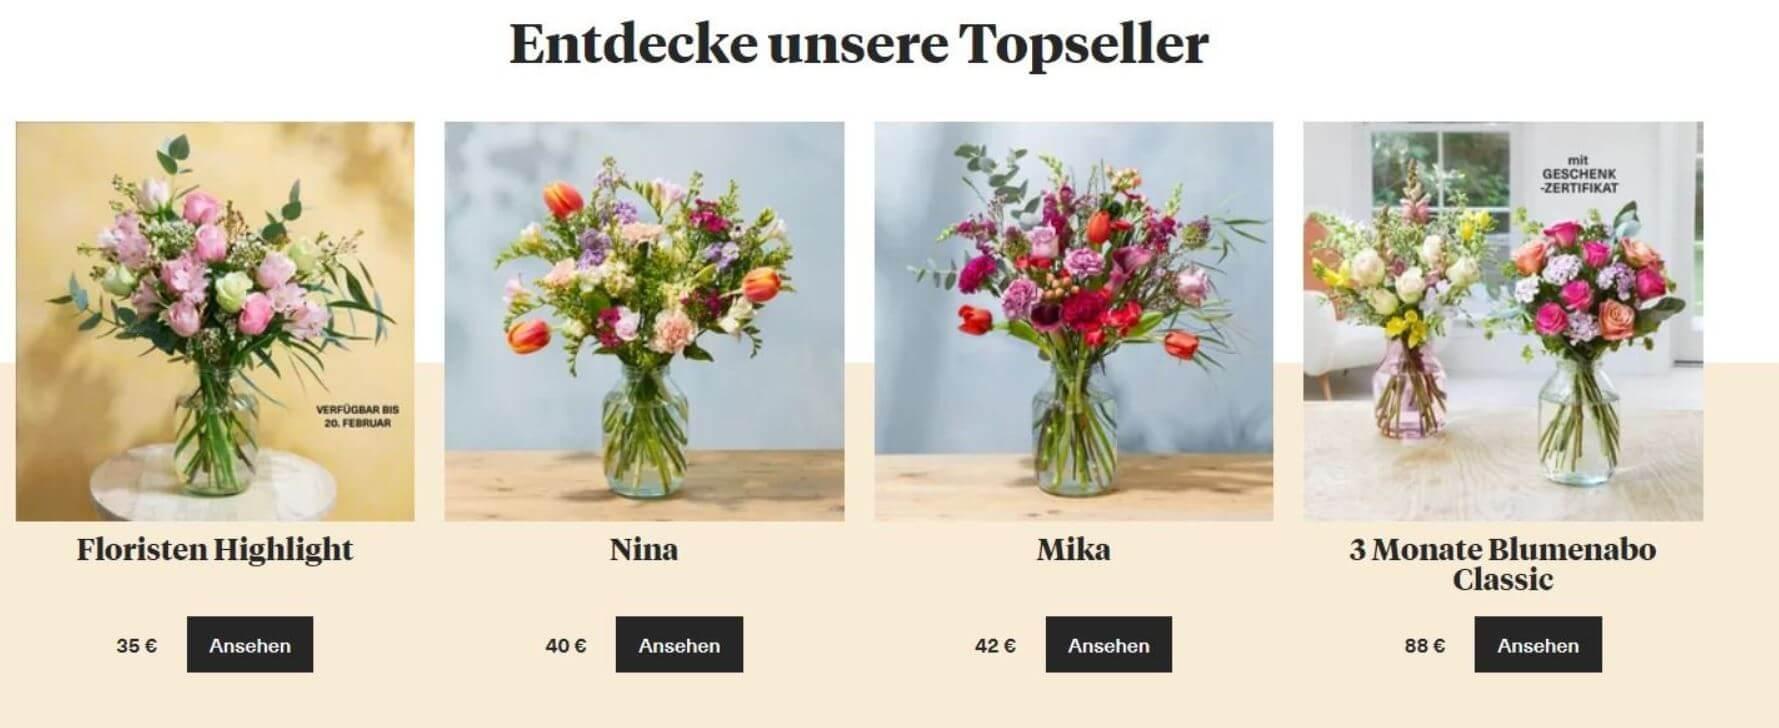 Bloom & Wild Topseller Muttertag